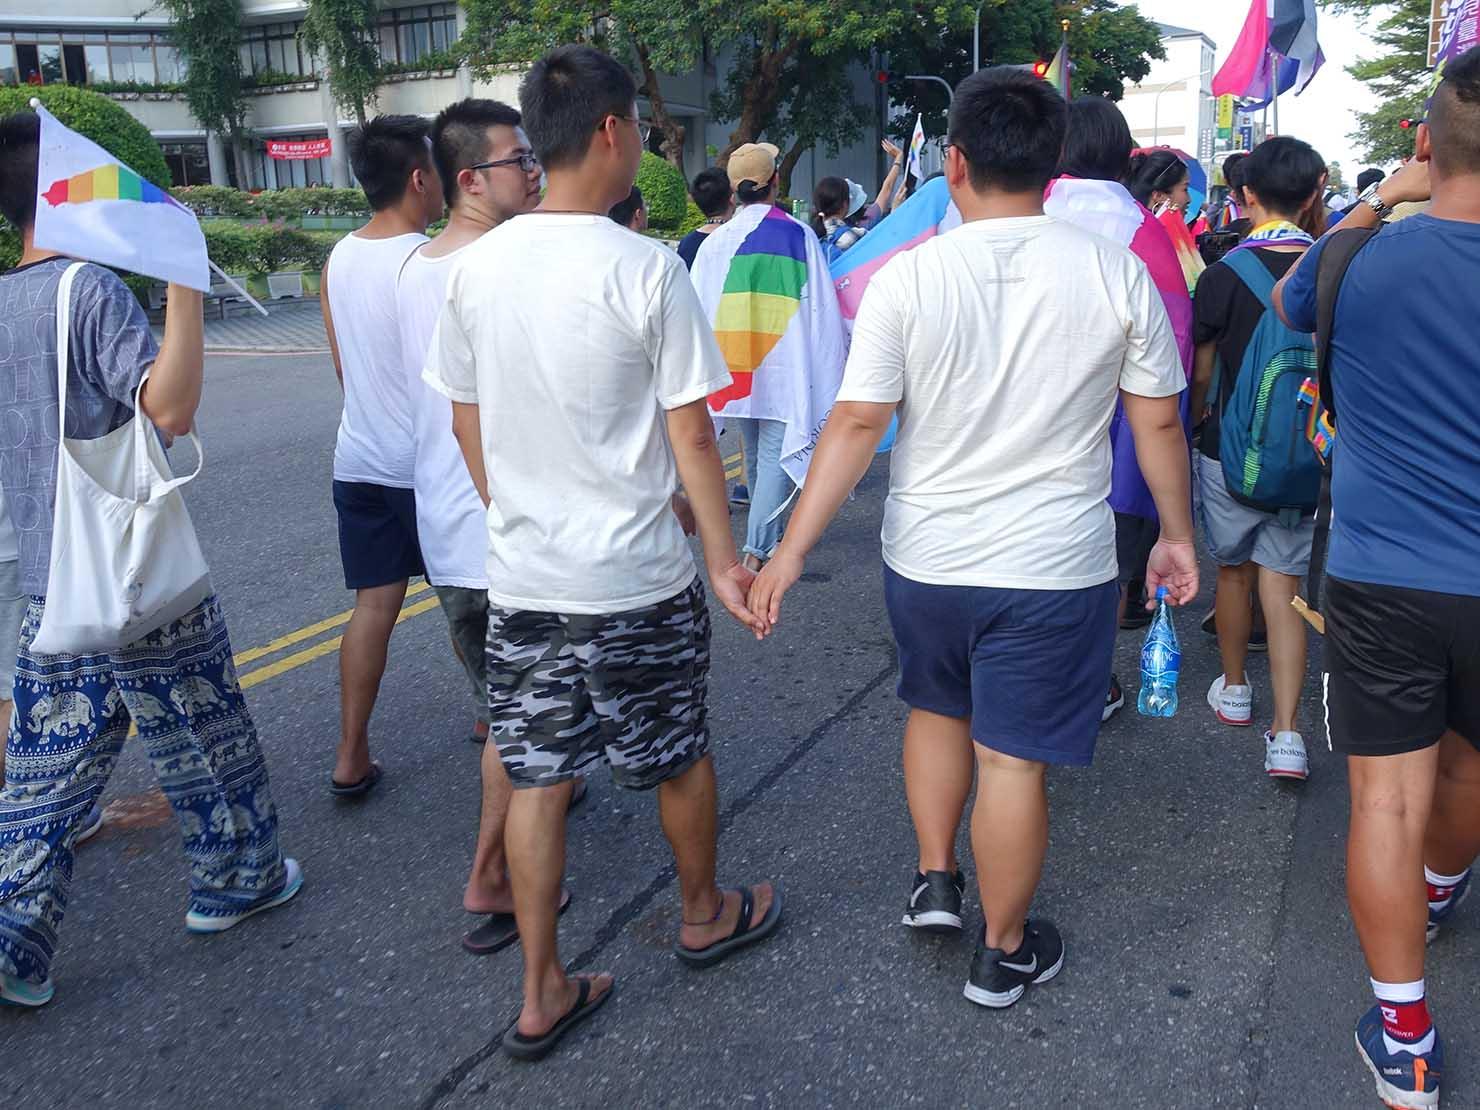 花東彩虹嘉年華(台湾東部LGBTプライド / 台東場)パレードで手を繋いで歩く同性カップル